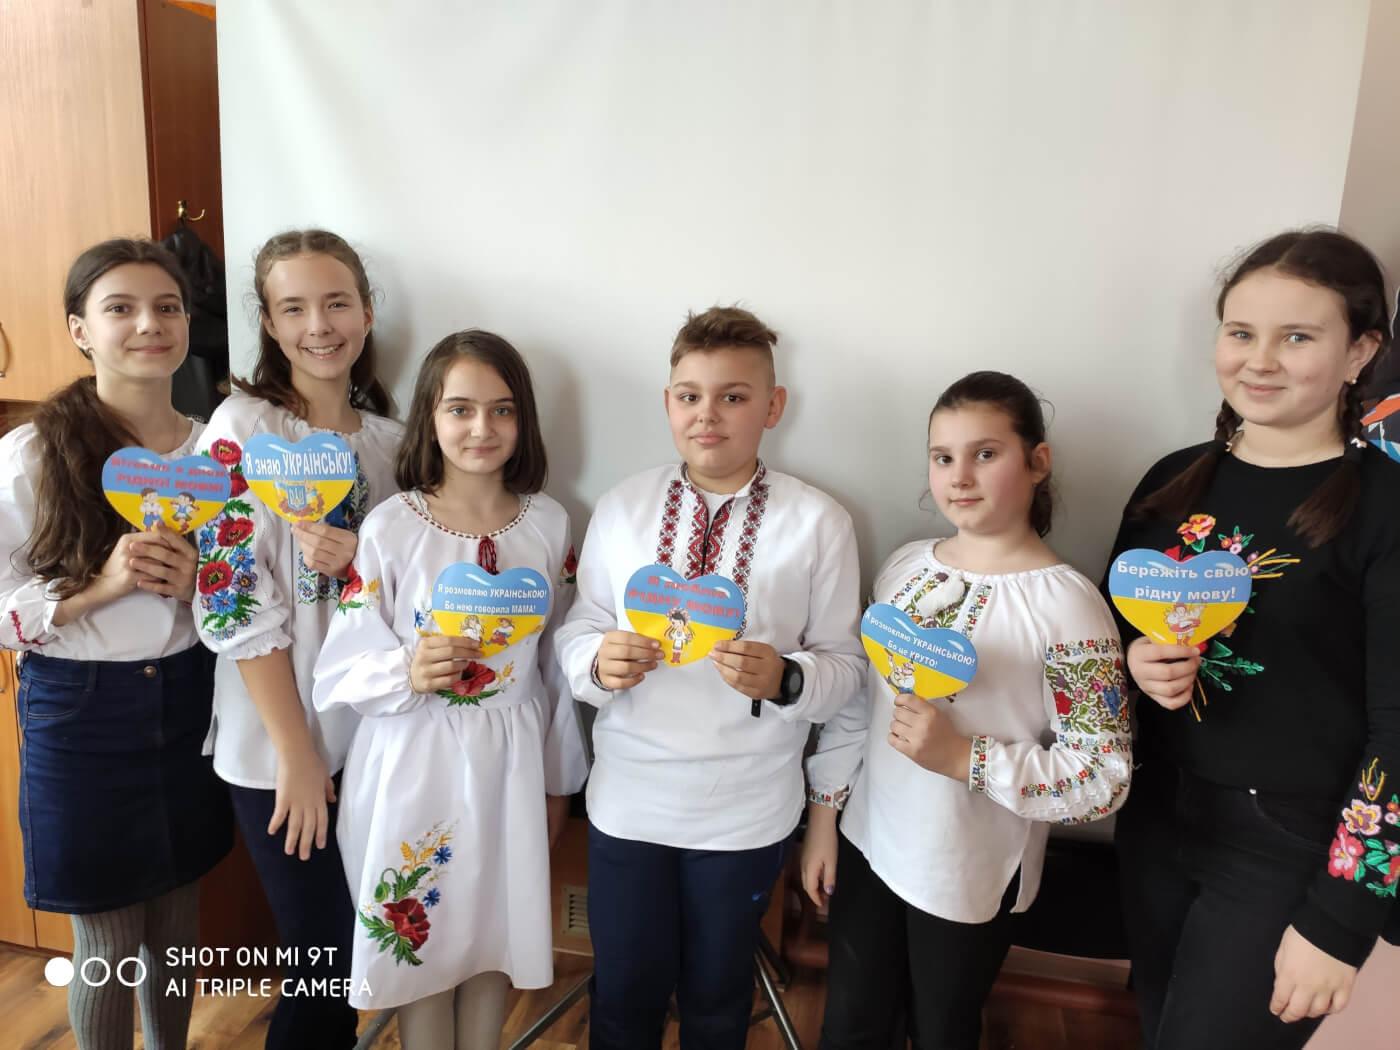 IMG 20200221 121029 - Відчуй смак української мови!..